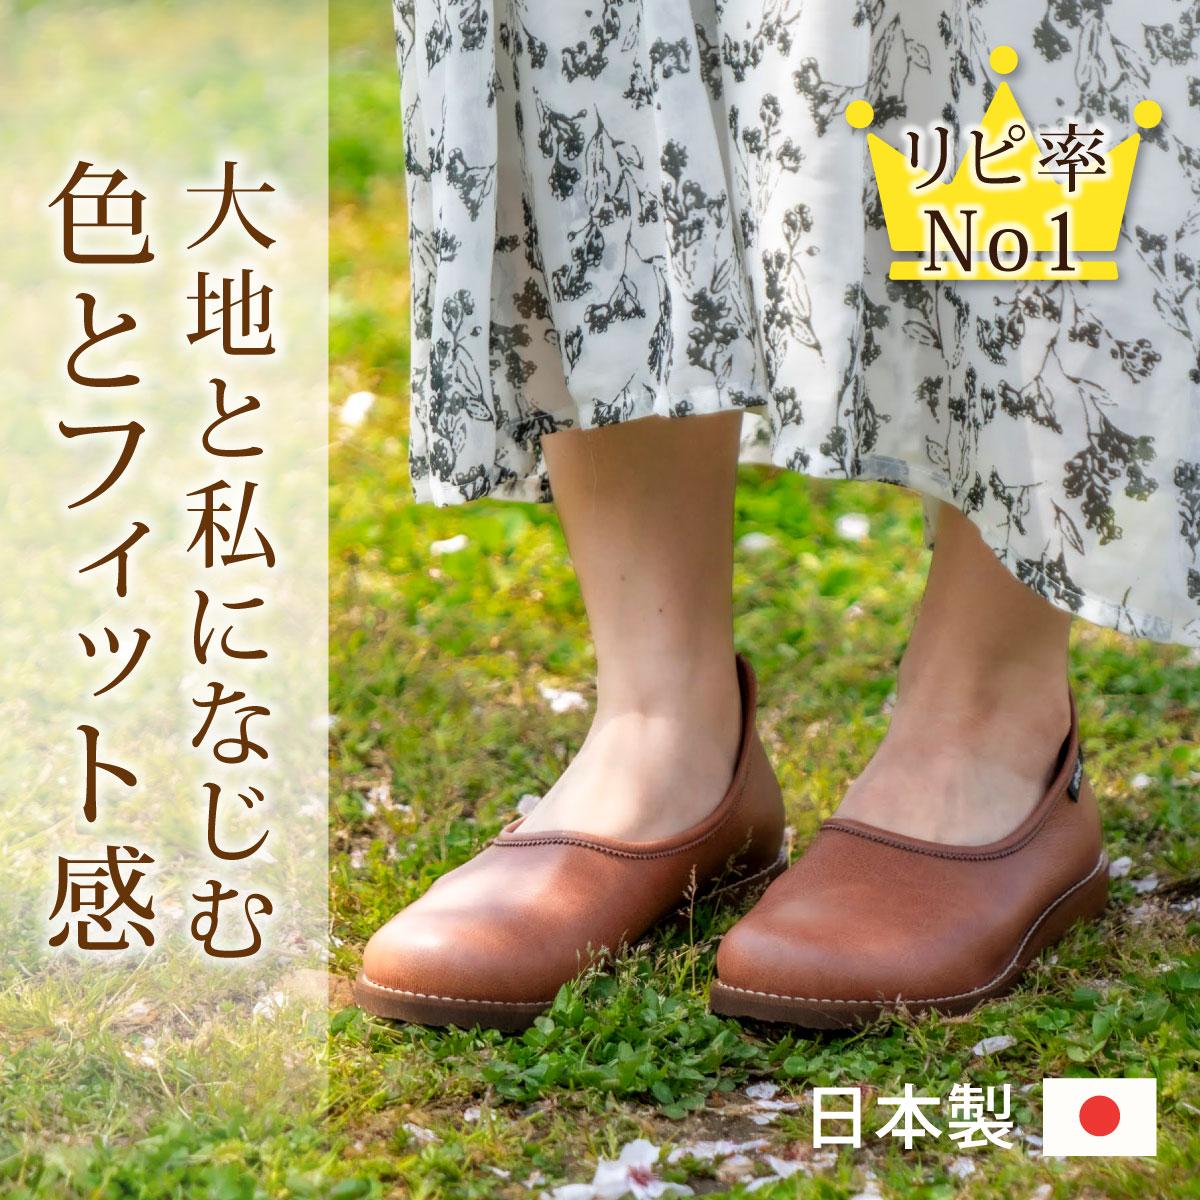 コンフォートシューズ スリッポン カジュアル バレエシューズ シンプル レディース 絶品 TCSF 婦人靴 GARDN GARDEN ガーデン 人気上昇中 日本製